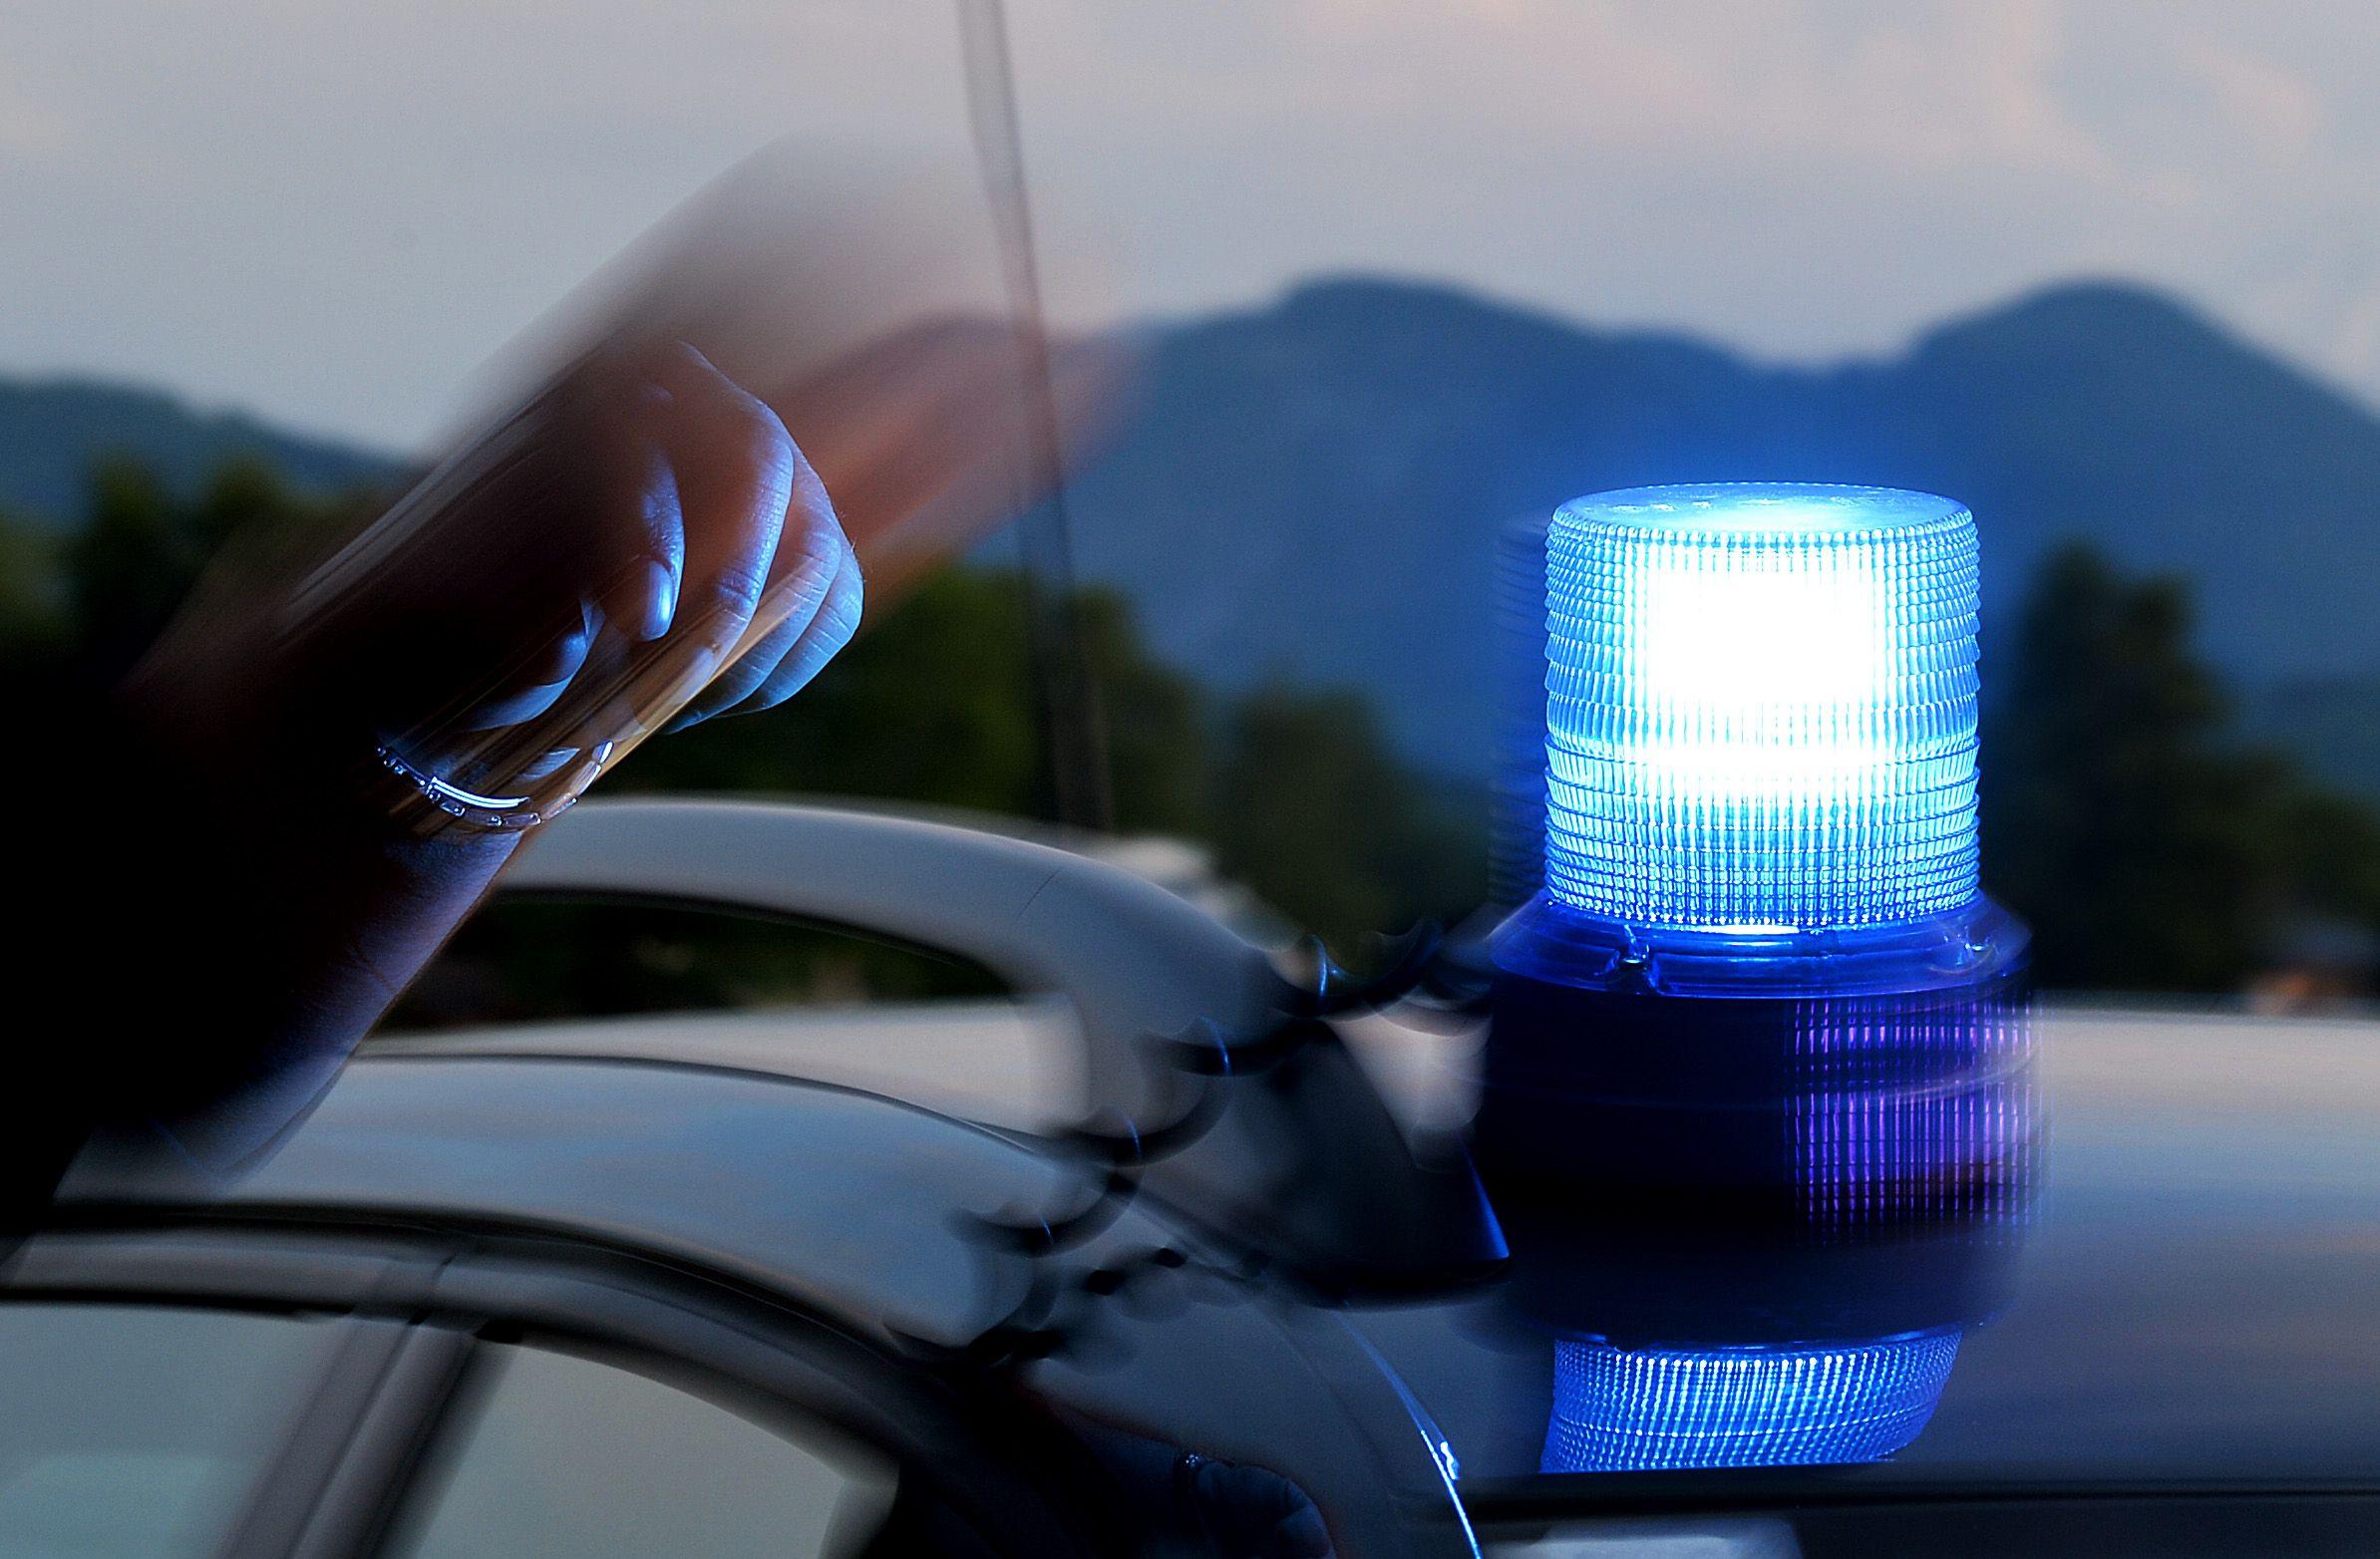 Vorarlberg: Unfall in Bregenz - Zeugen gesucht